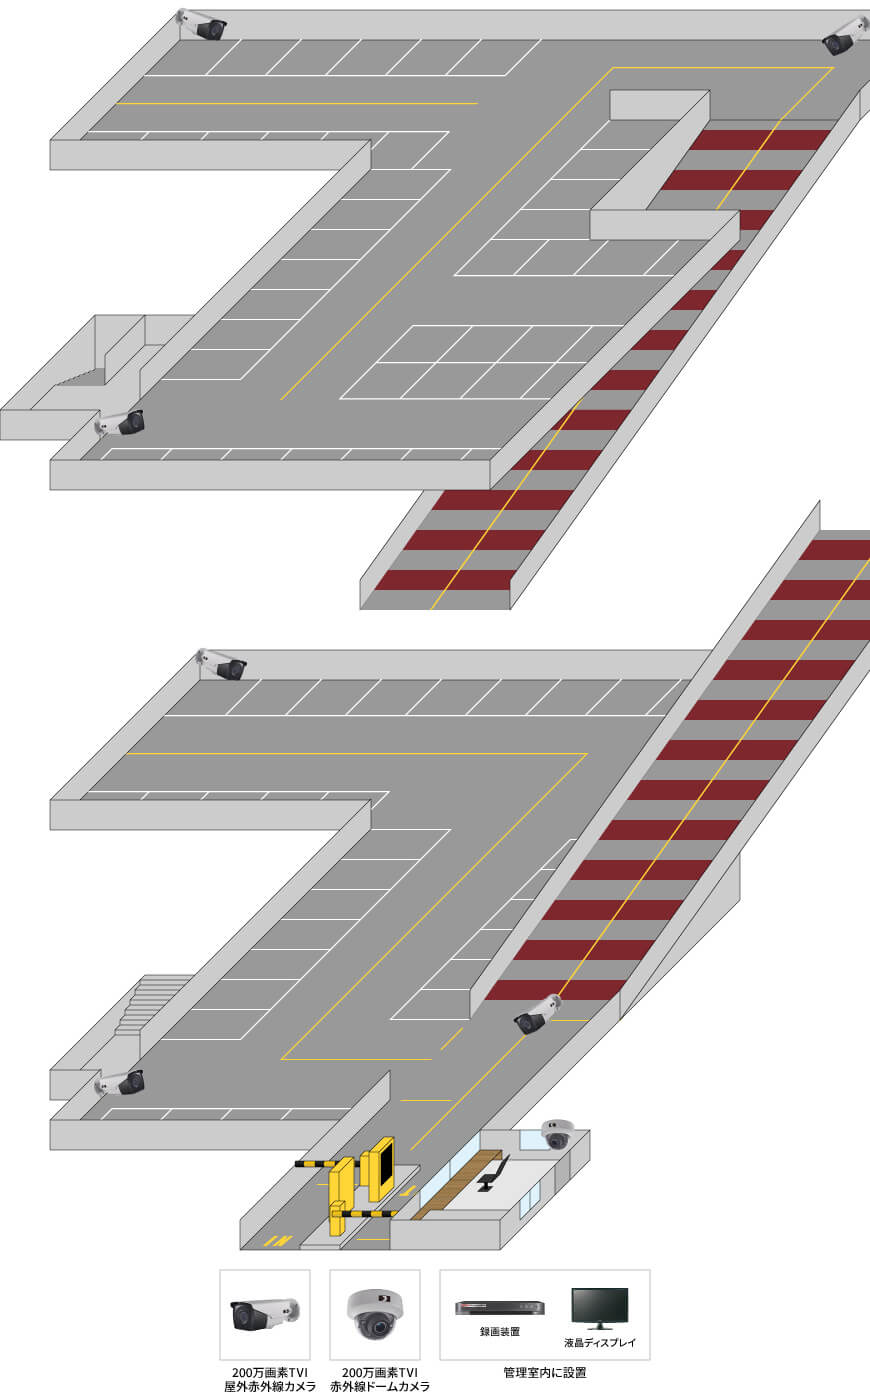 【立体駐車場】赤外線監視カメラシステムの防犯設備設置図面